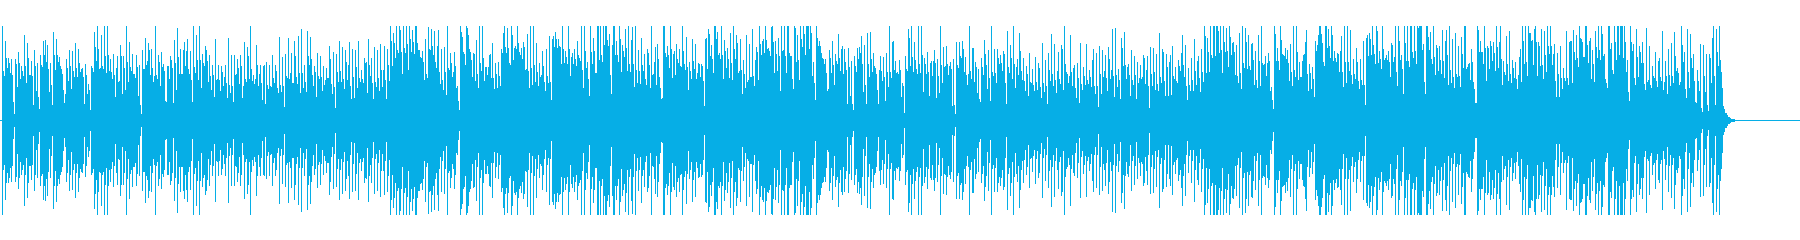 ペット かわいい ほのぼの のんびりの再生済みの波形